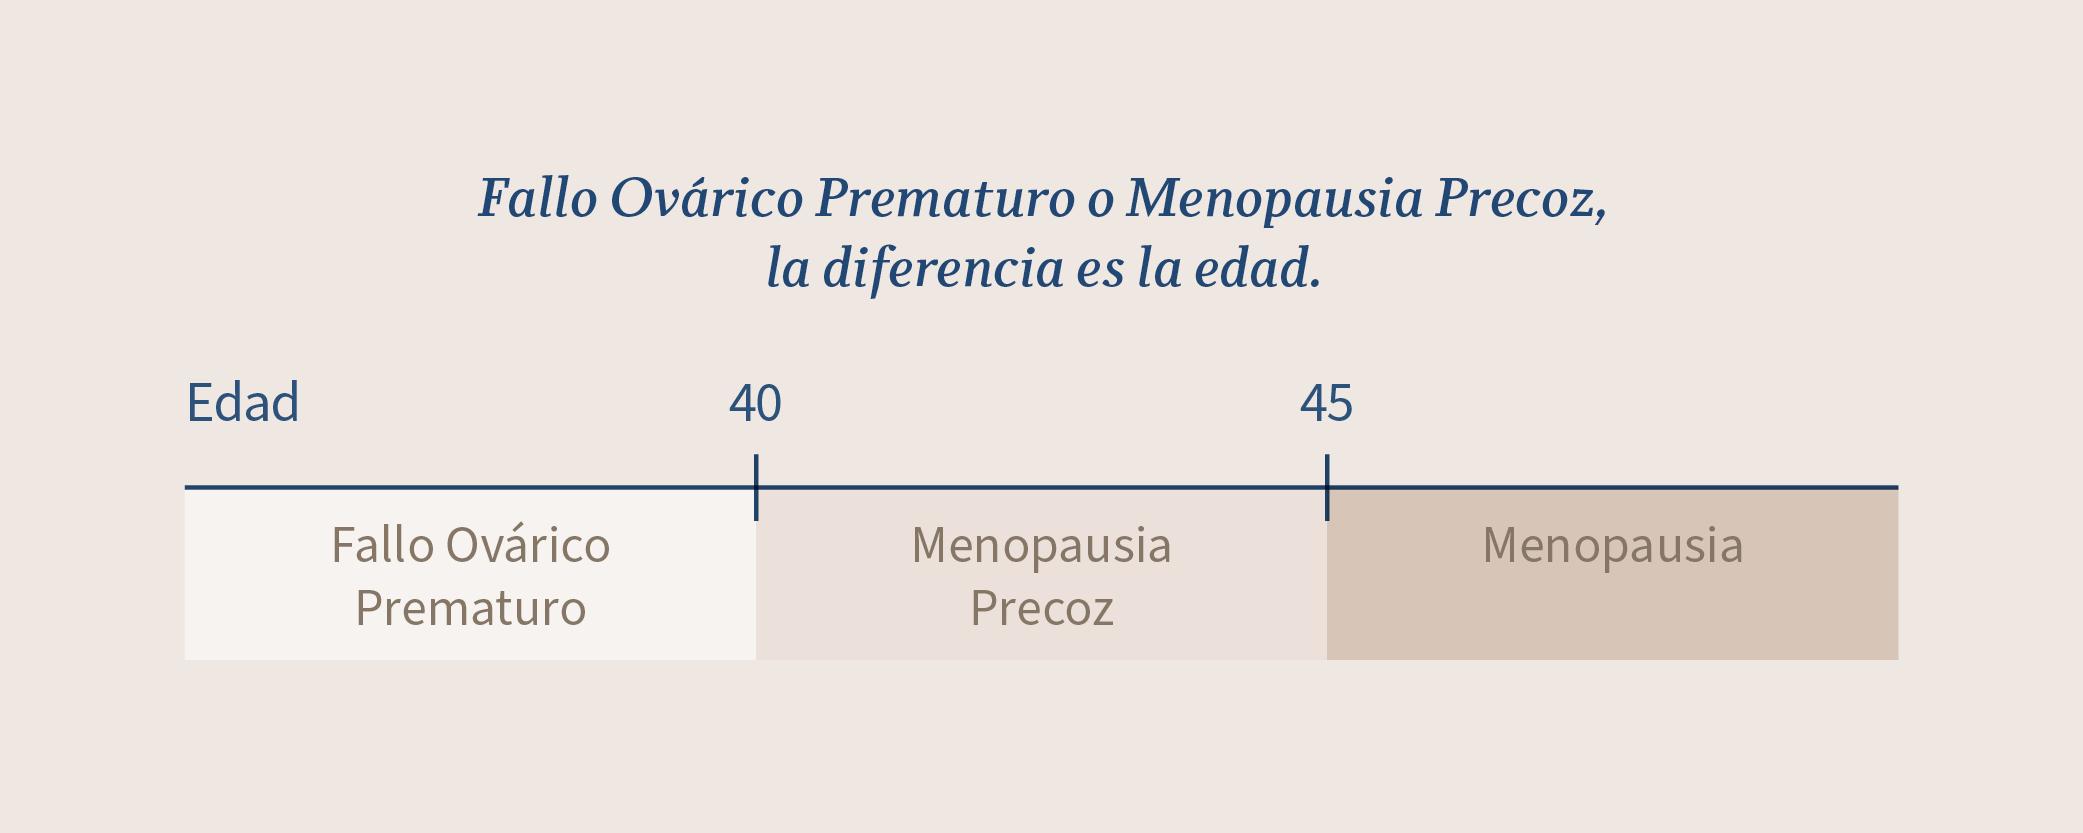 Edades que establecen la diferencia entre Fallo Ovárico Prematuro y Menopausia Precoz